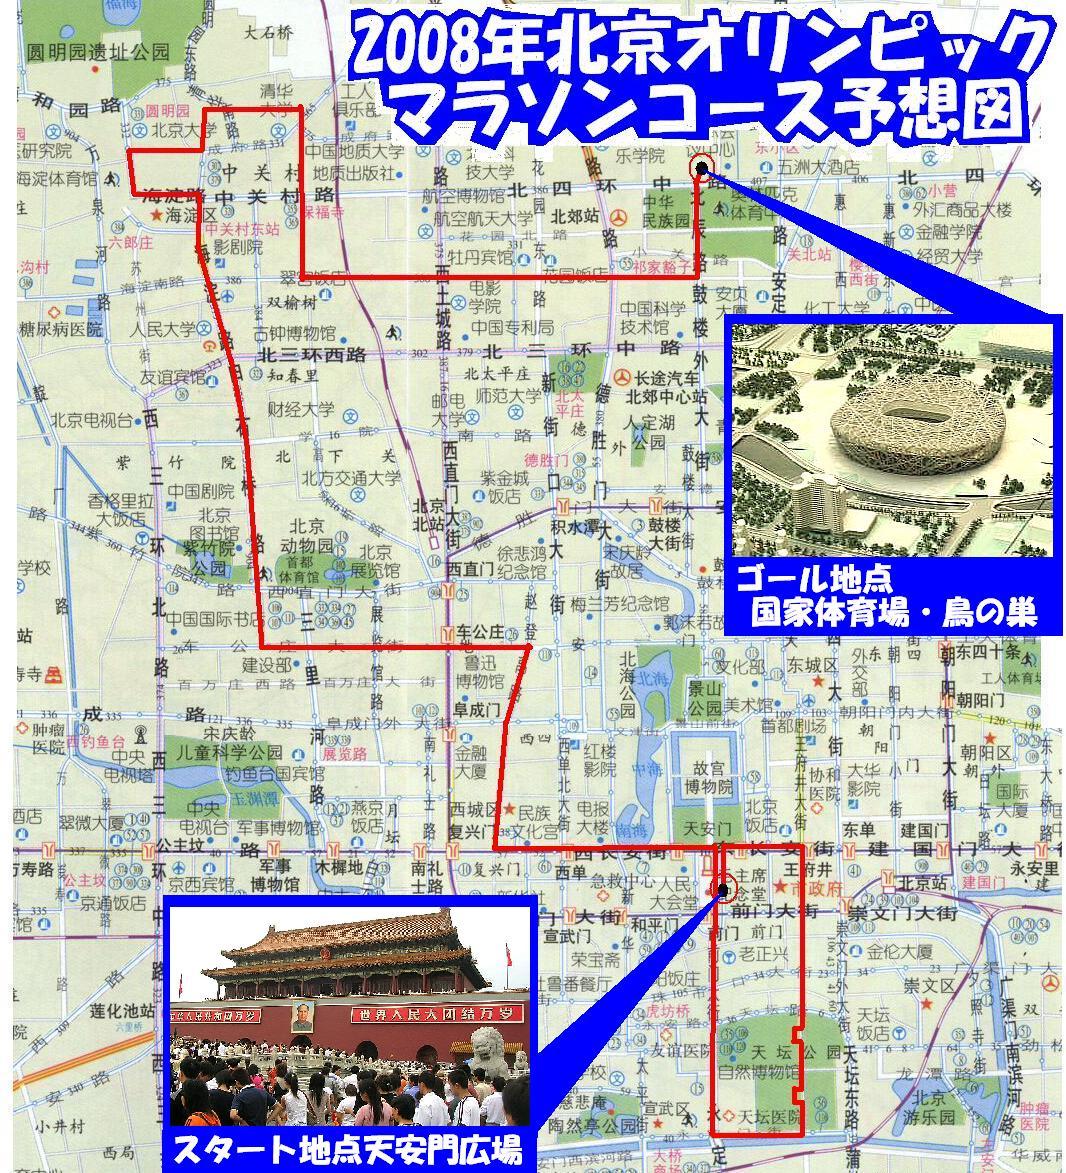 2008年北京オリンピック・マラソンコース予想図』北京(中国)の旅行 ...